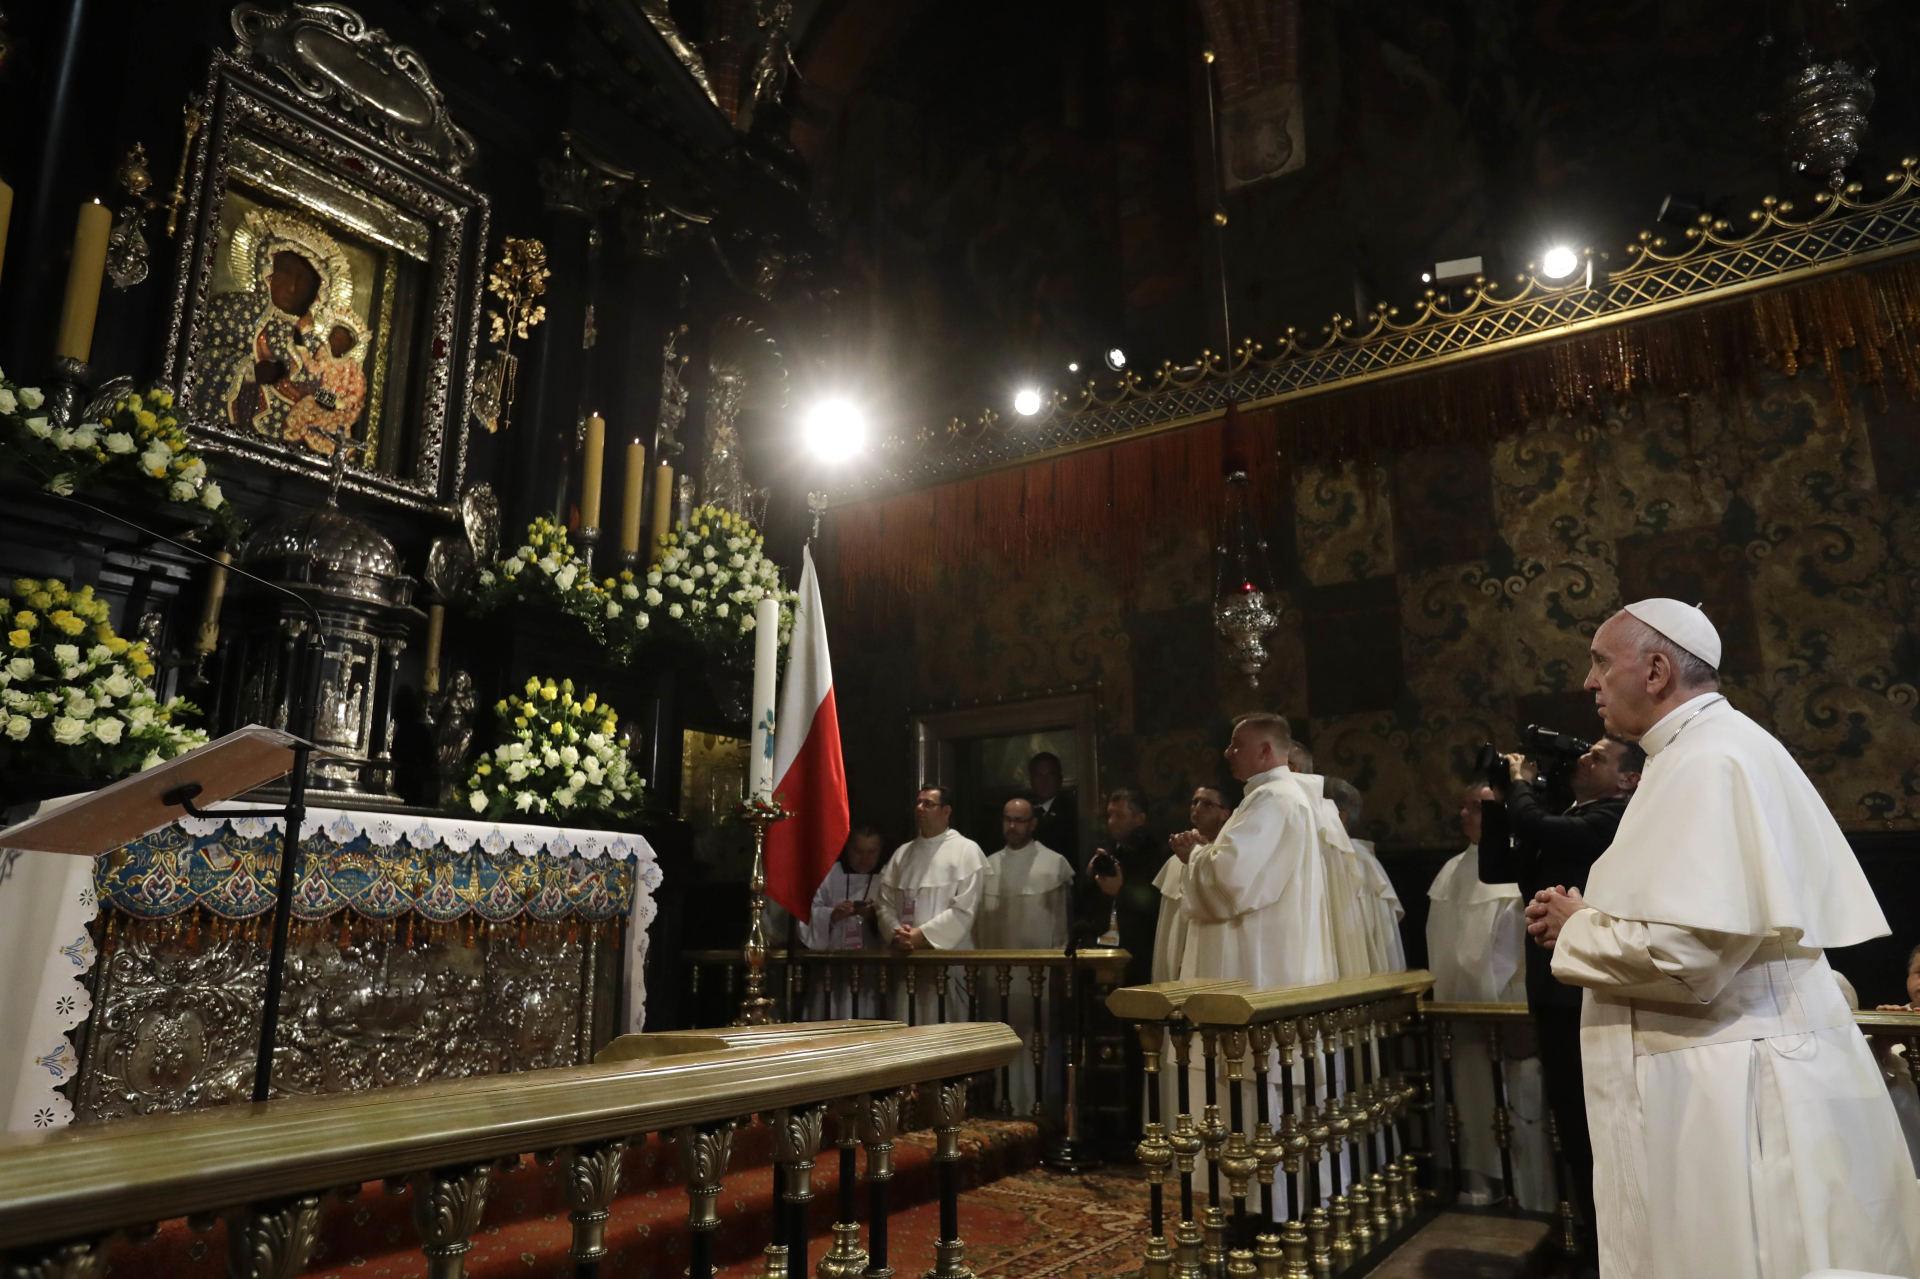 На общей аудиенции Папа напомнил о своём паломничестве в Ченстохову (+ ФОТО)